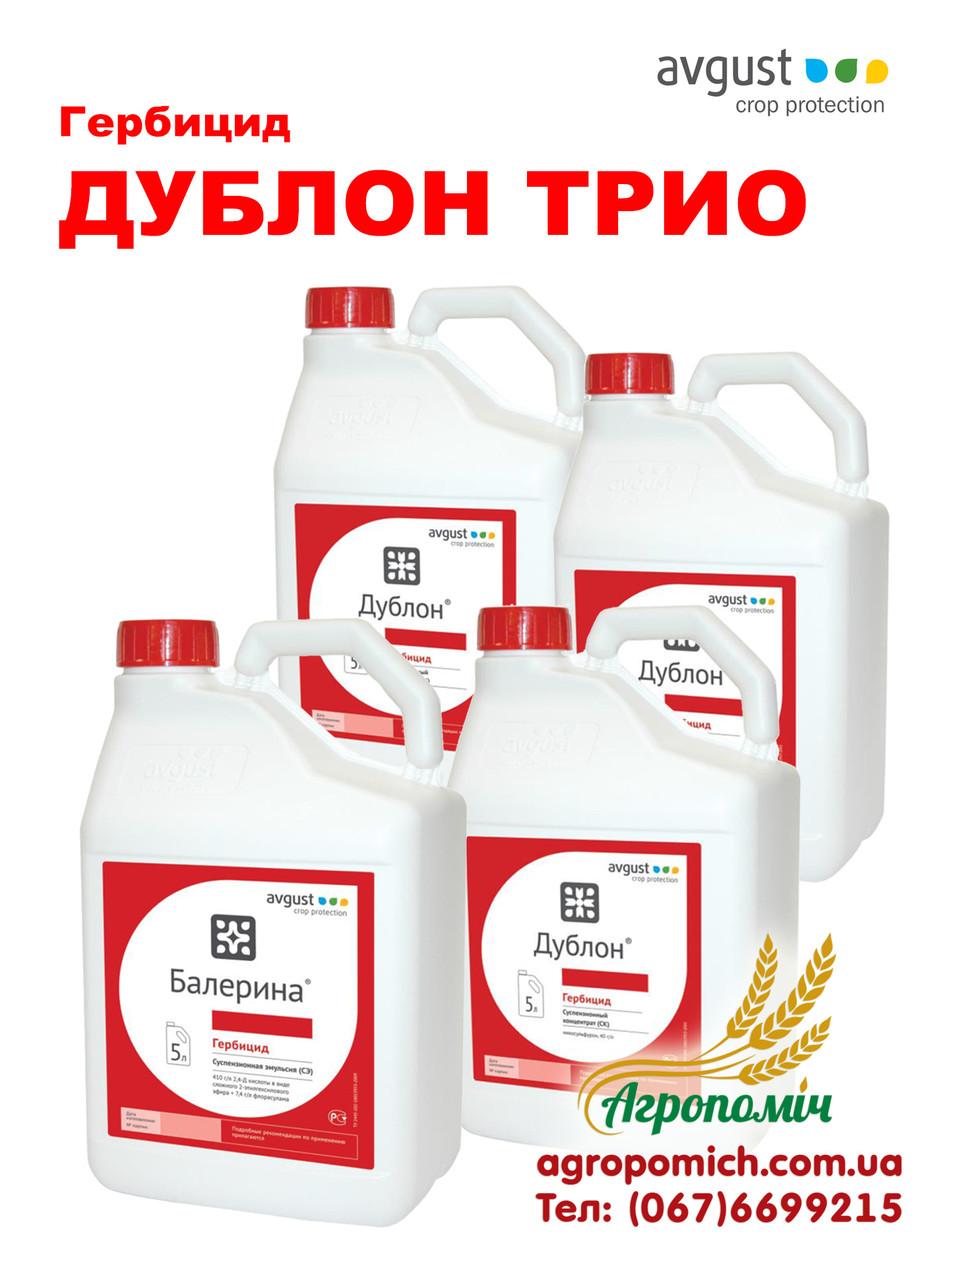 Комплекс гербицидов ДУБЛОН ТРИО (Балерина +Дублон), Август